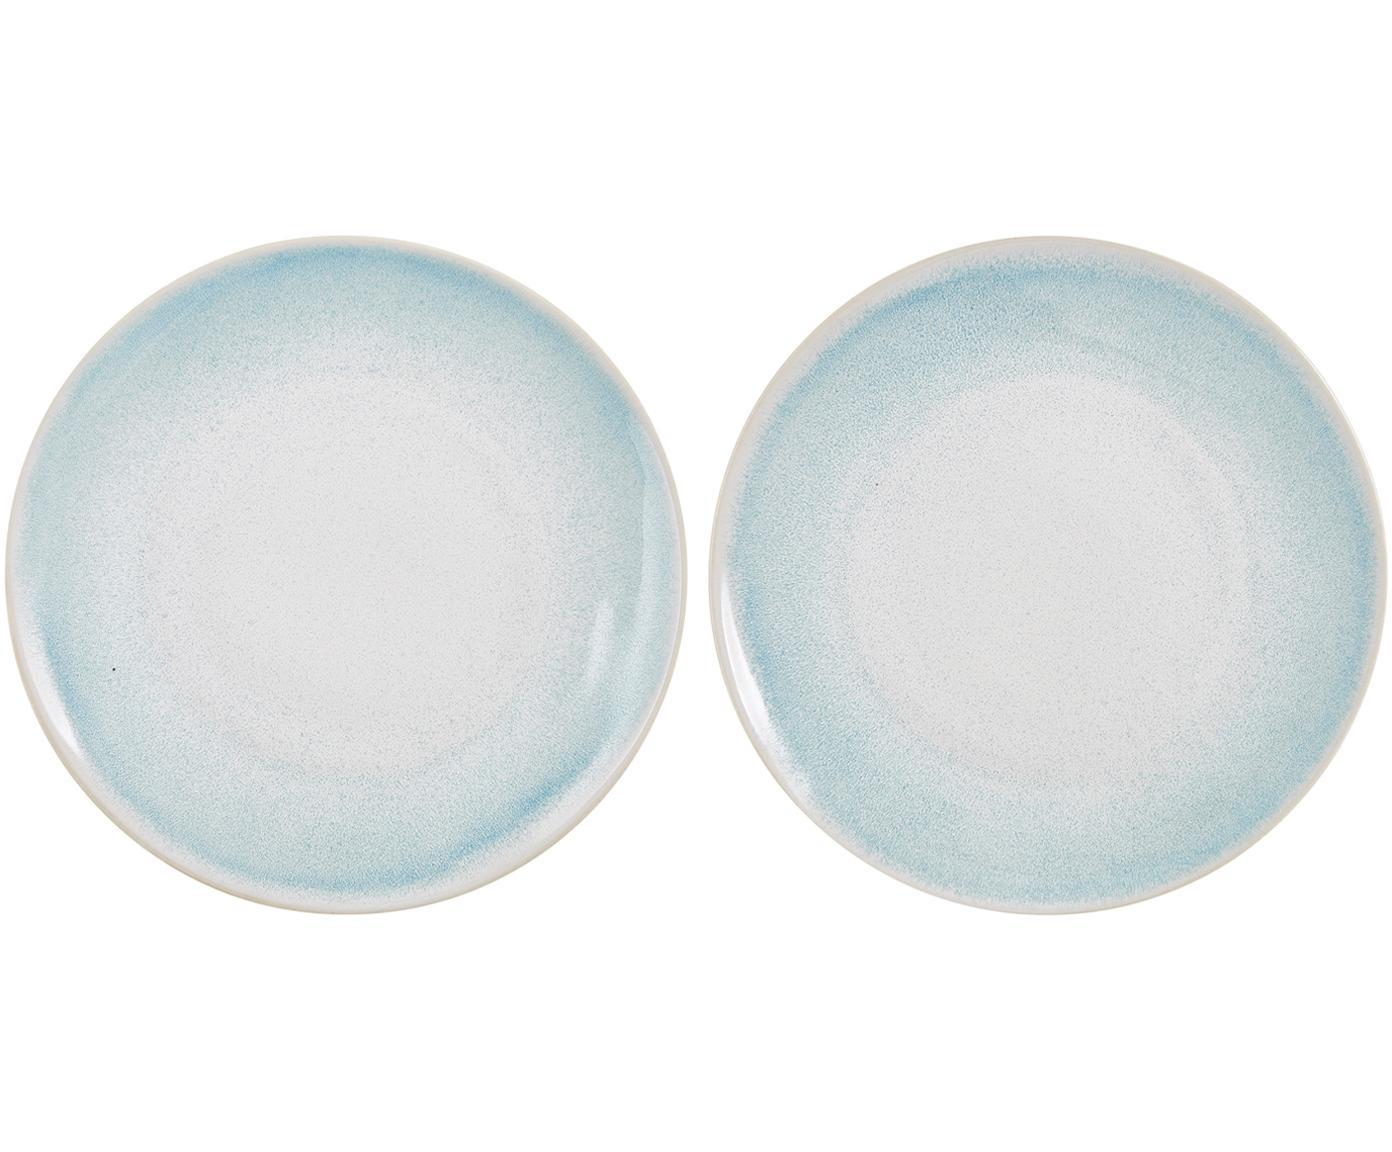 Handgemachte Speiseteller Amalia mit effektvoller Glasur, 2 Stück, Porzellan, Hellblau, Cremeweiß, Ø 25 cm